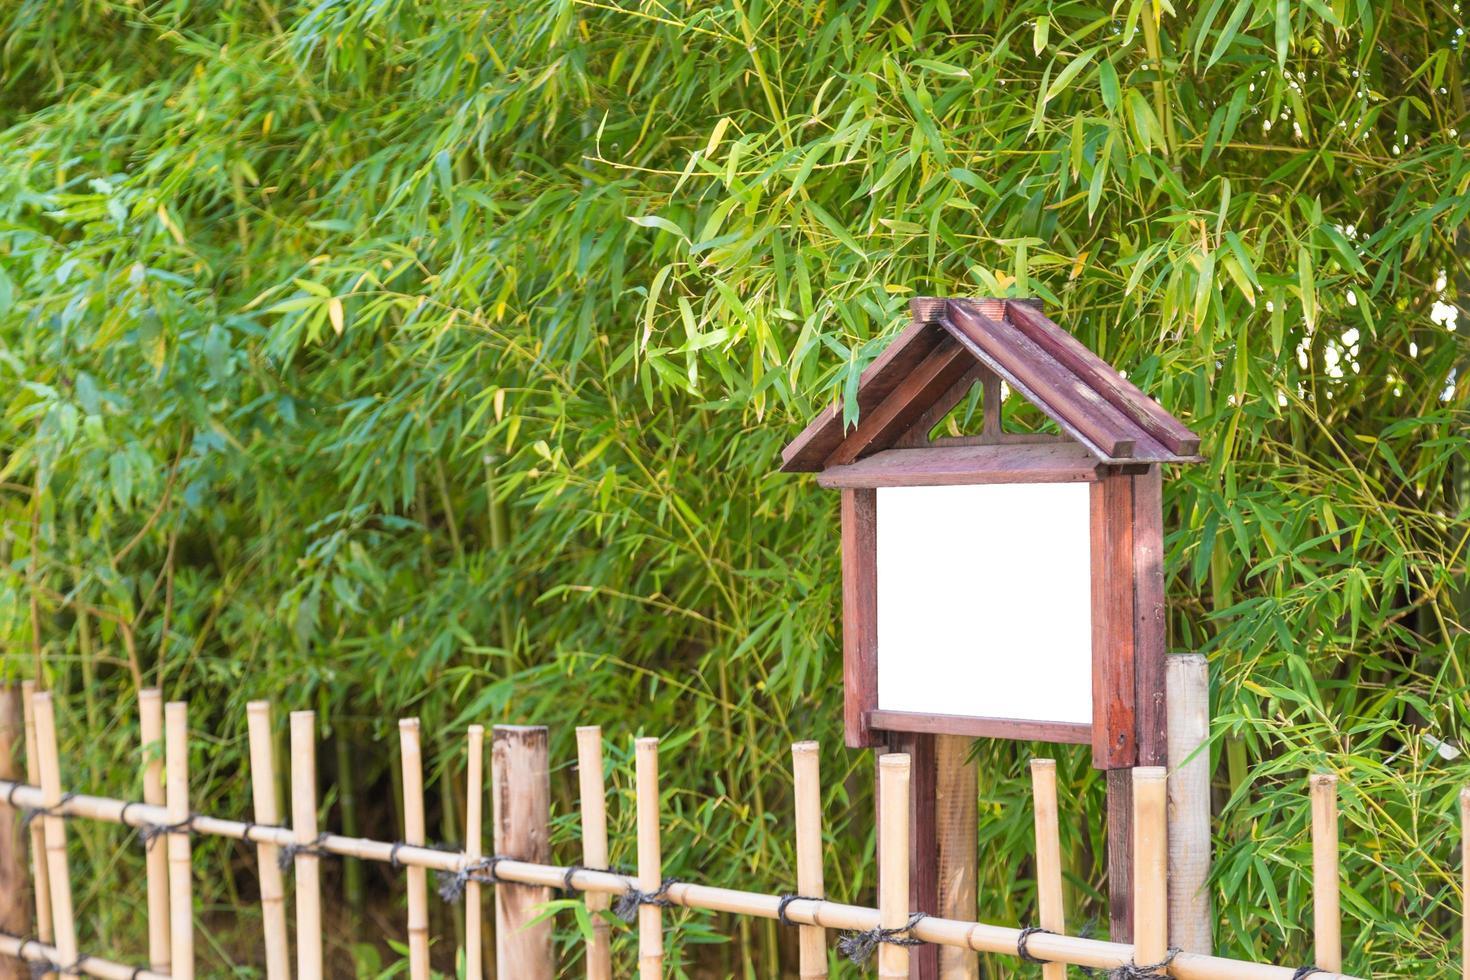 recinzione di bambù di fronte agli alberi di bambù foto